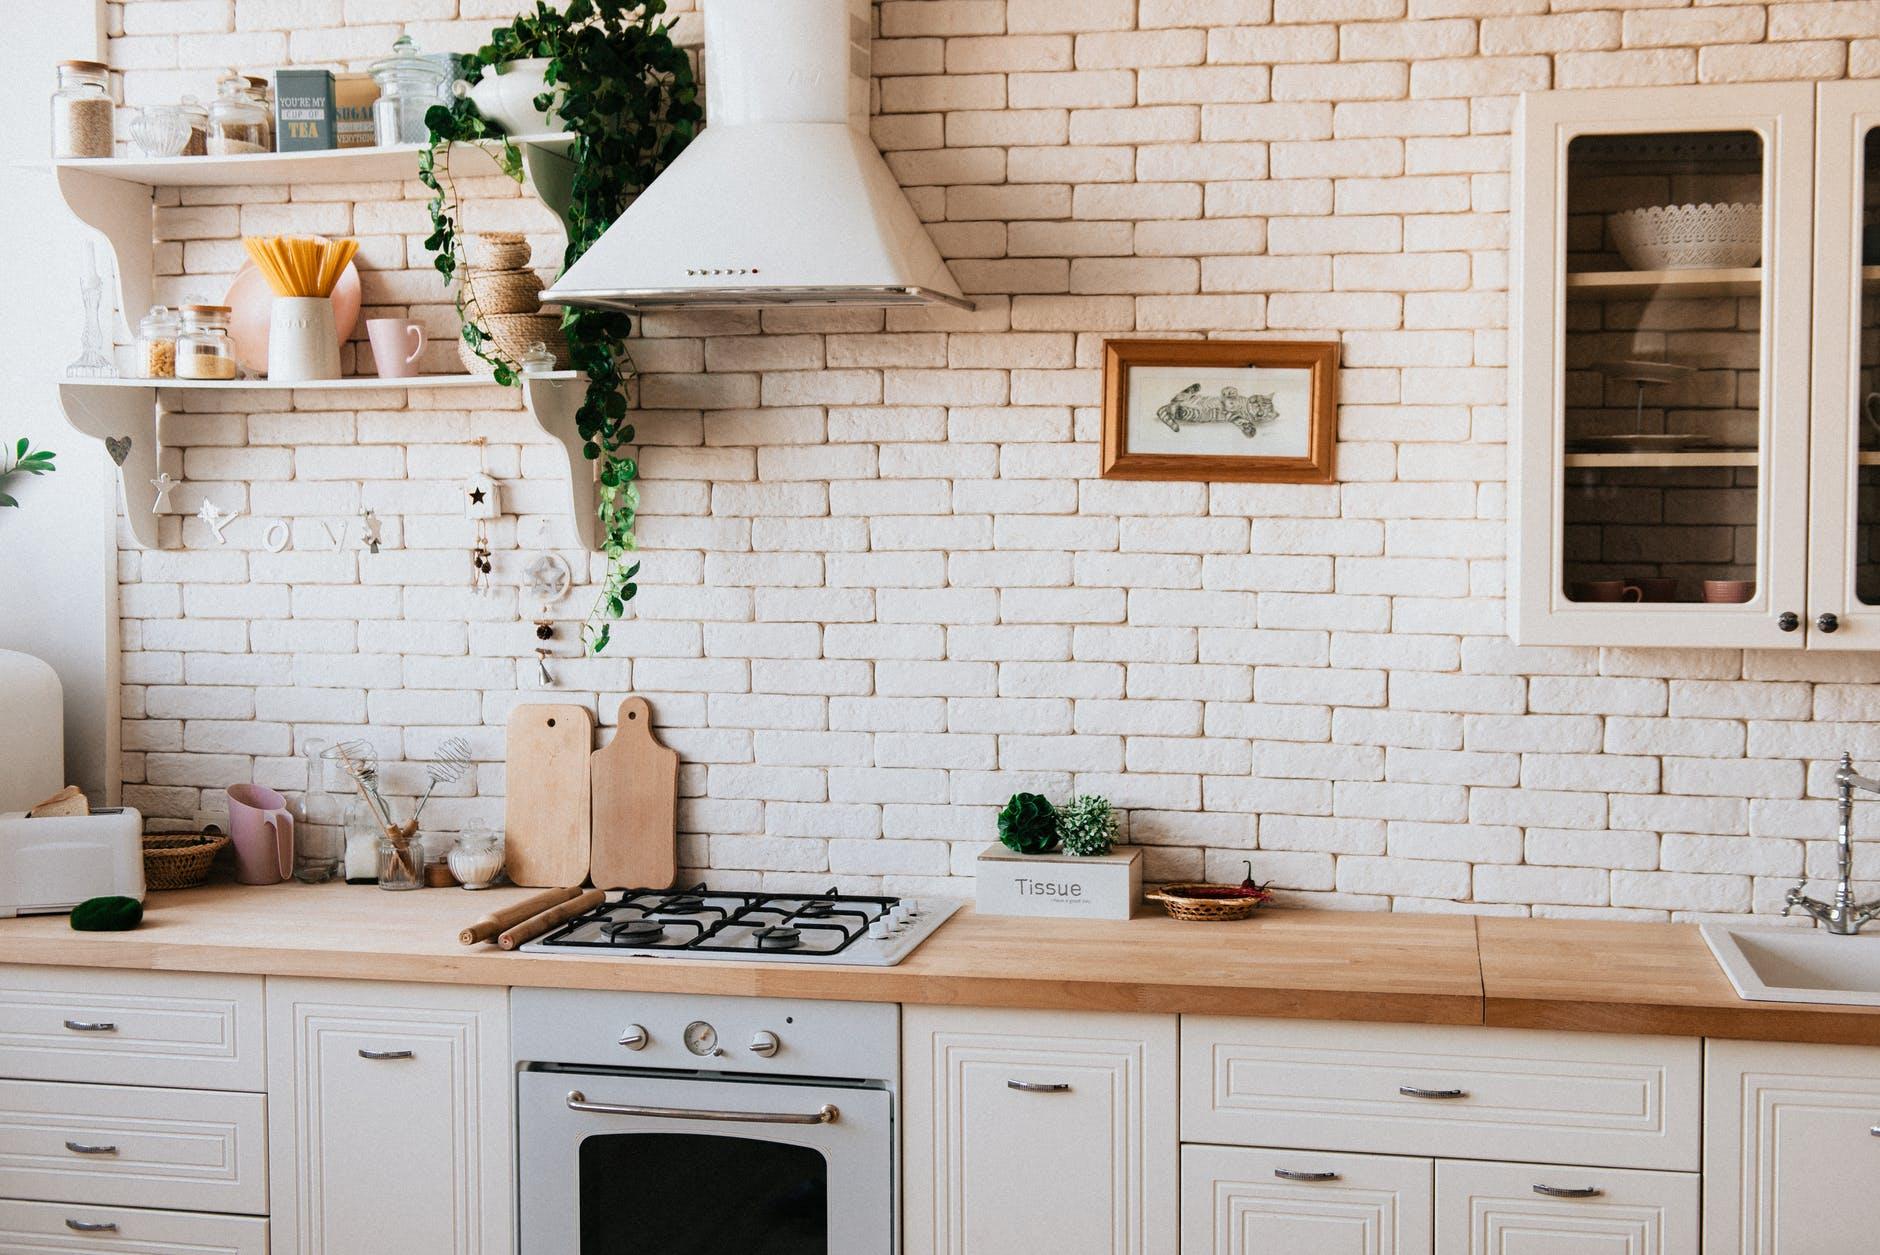 Gør dine køkkendrømme til virkelighed